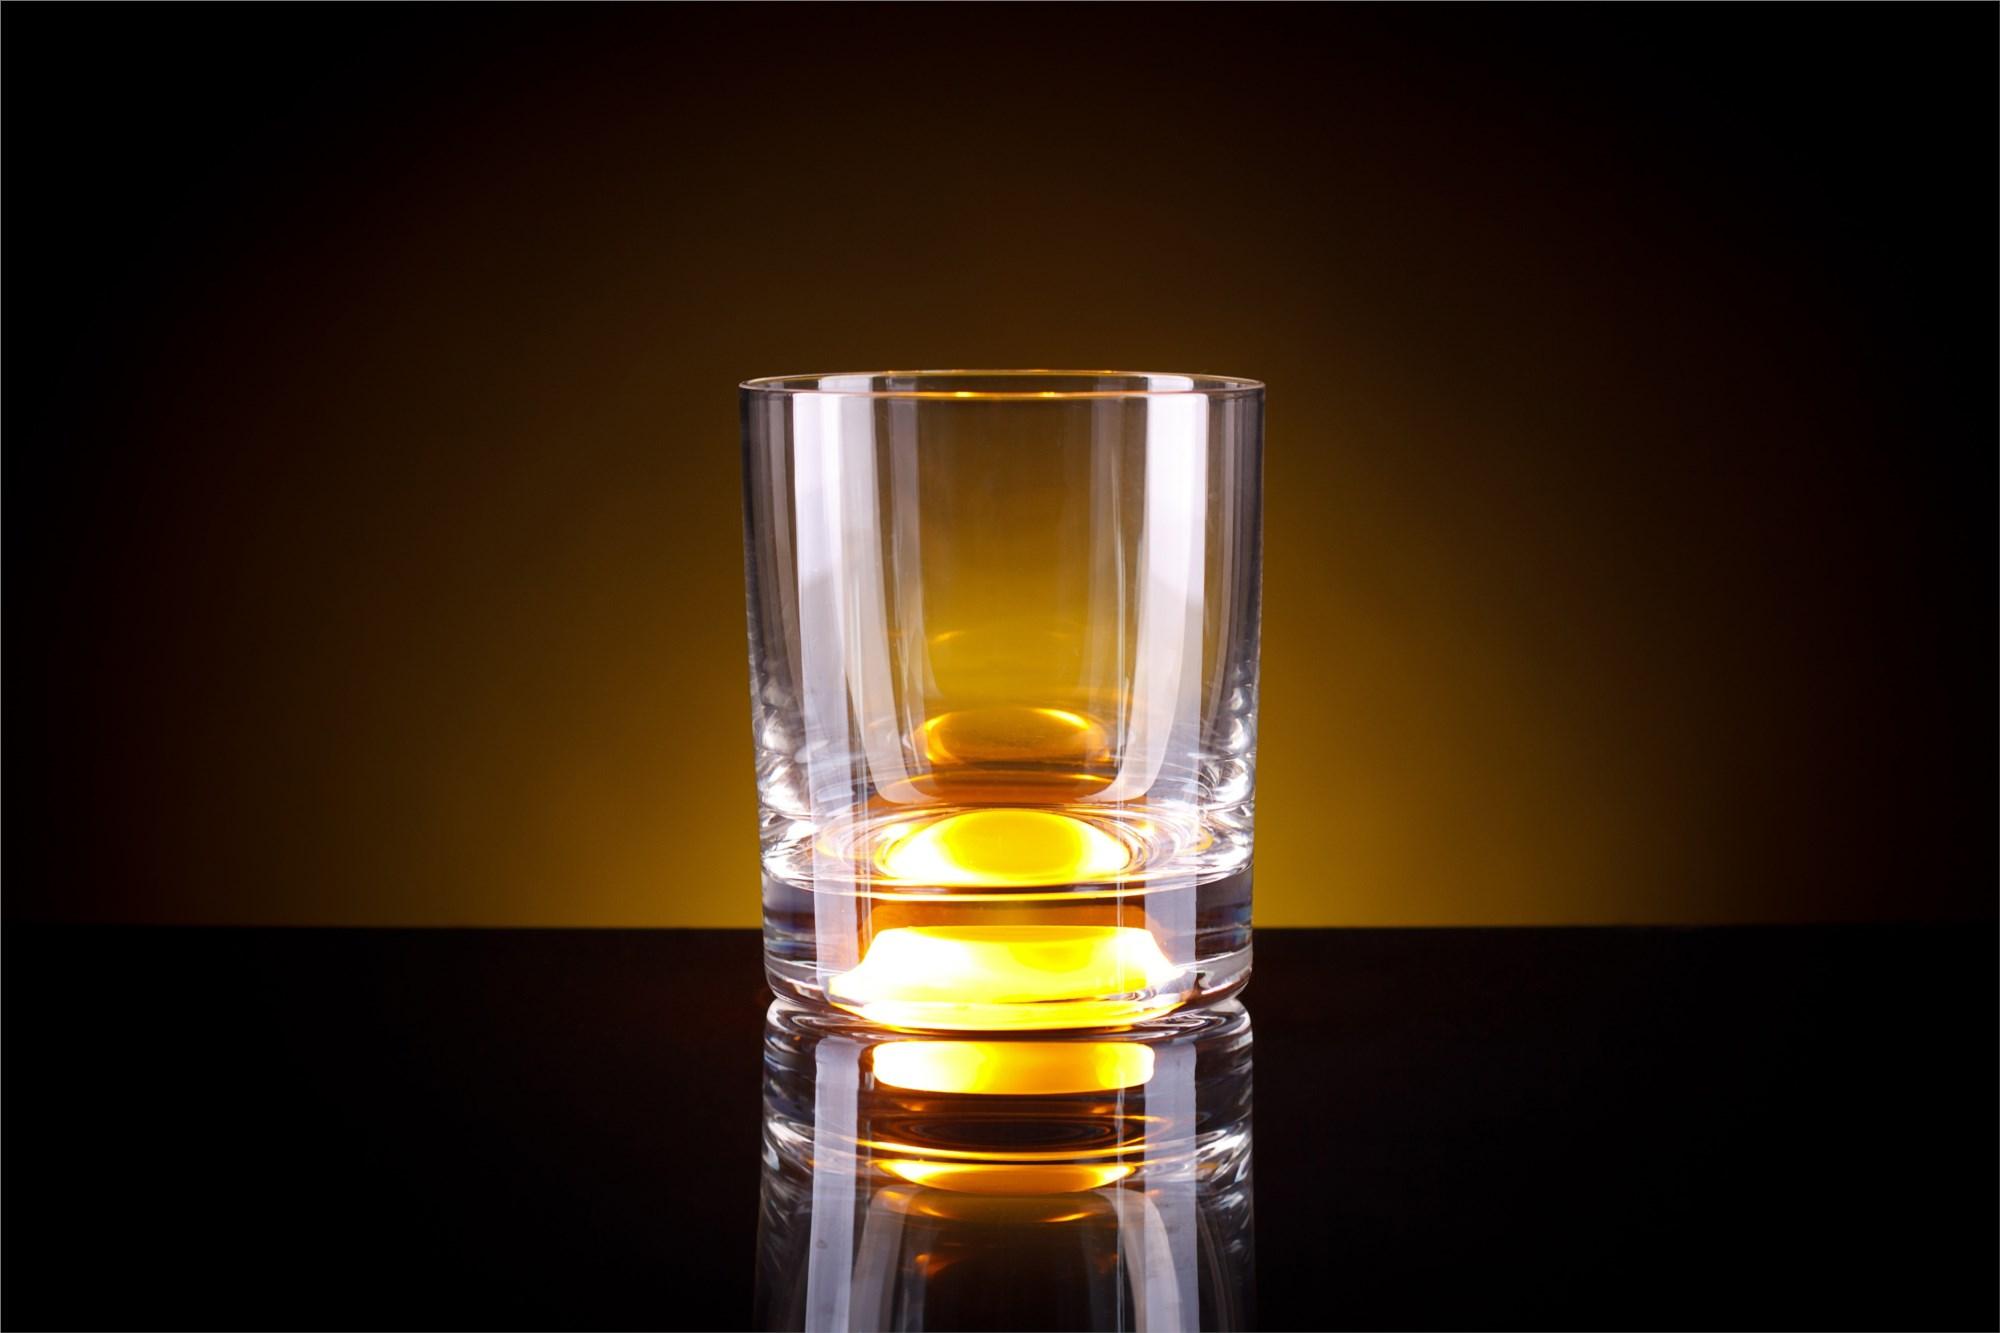 Жёлтый бокал для виски, загорающийся от прикосновения руки